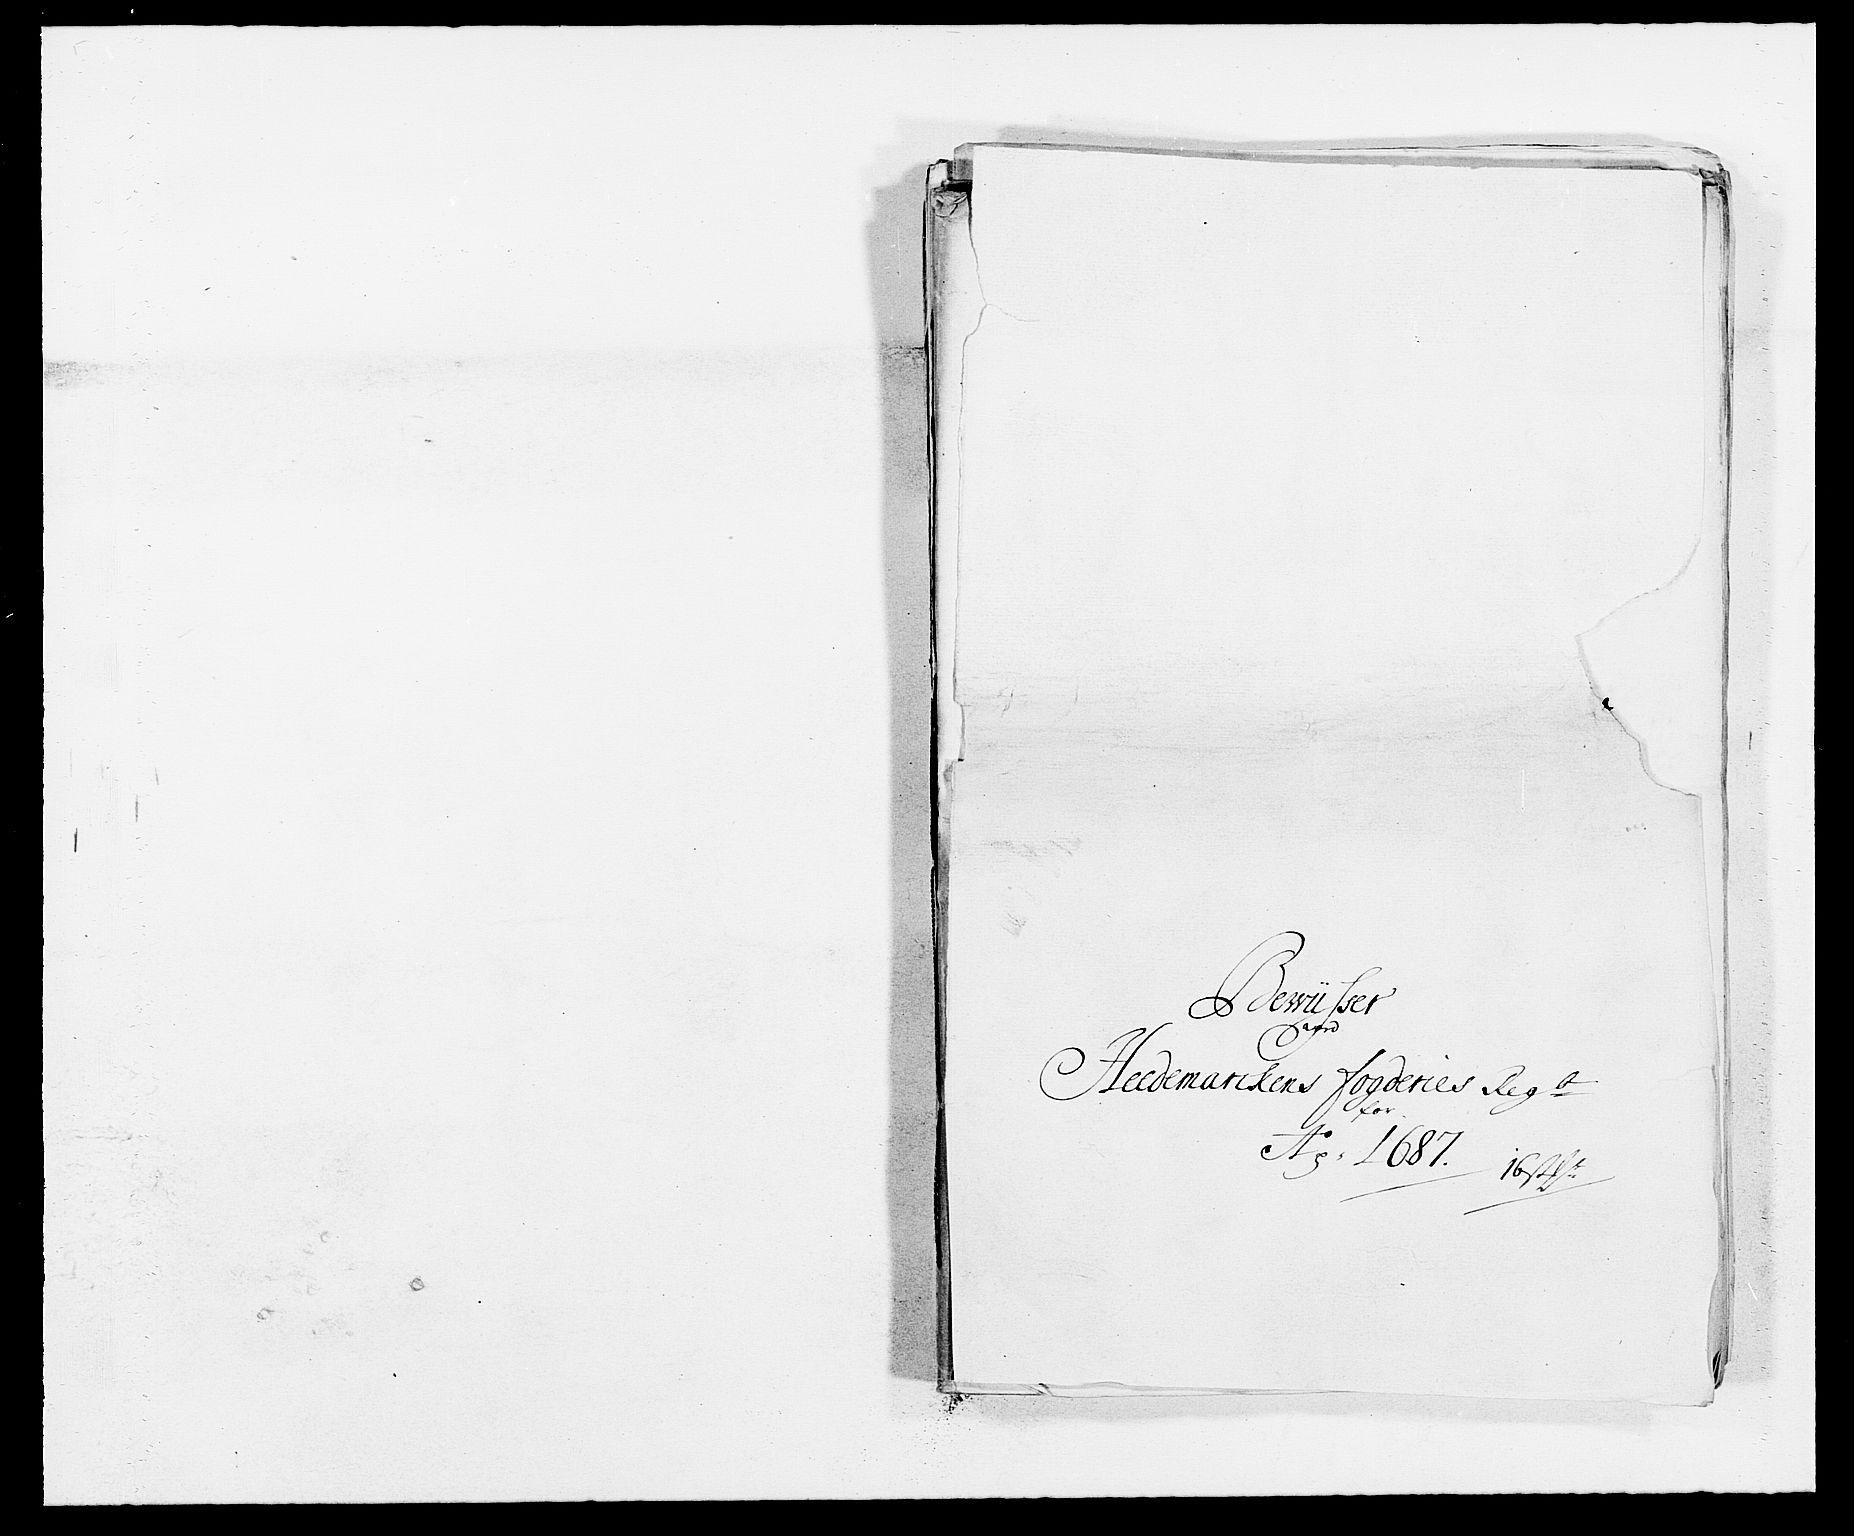 RA, Rentekammeret inntil 1814, Reviderte regnskaper, Fogderegnskap, R16/L1028: Fogderegnskap Hedmark, 1687, s. 138